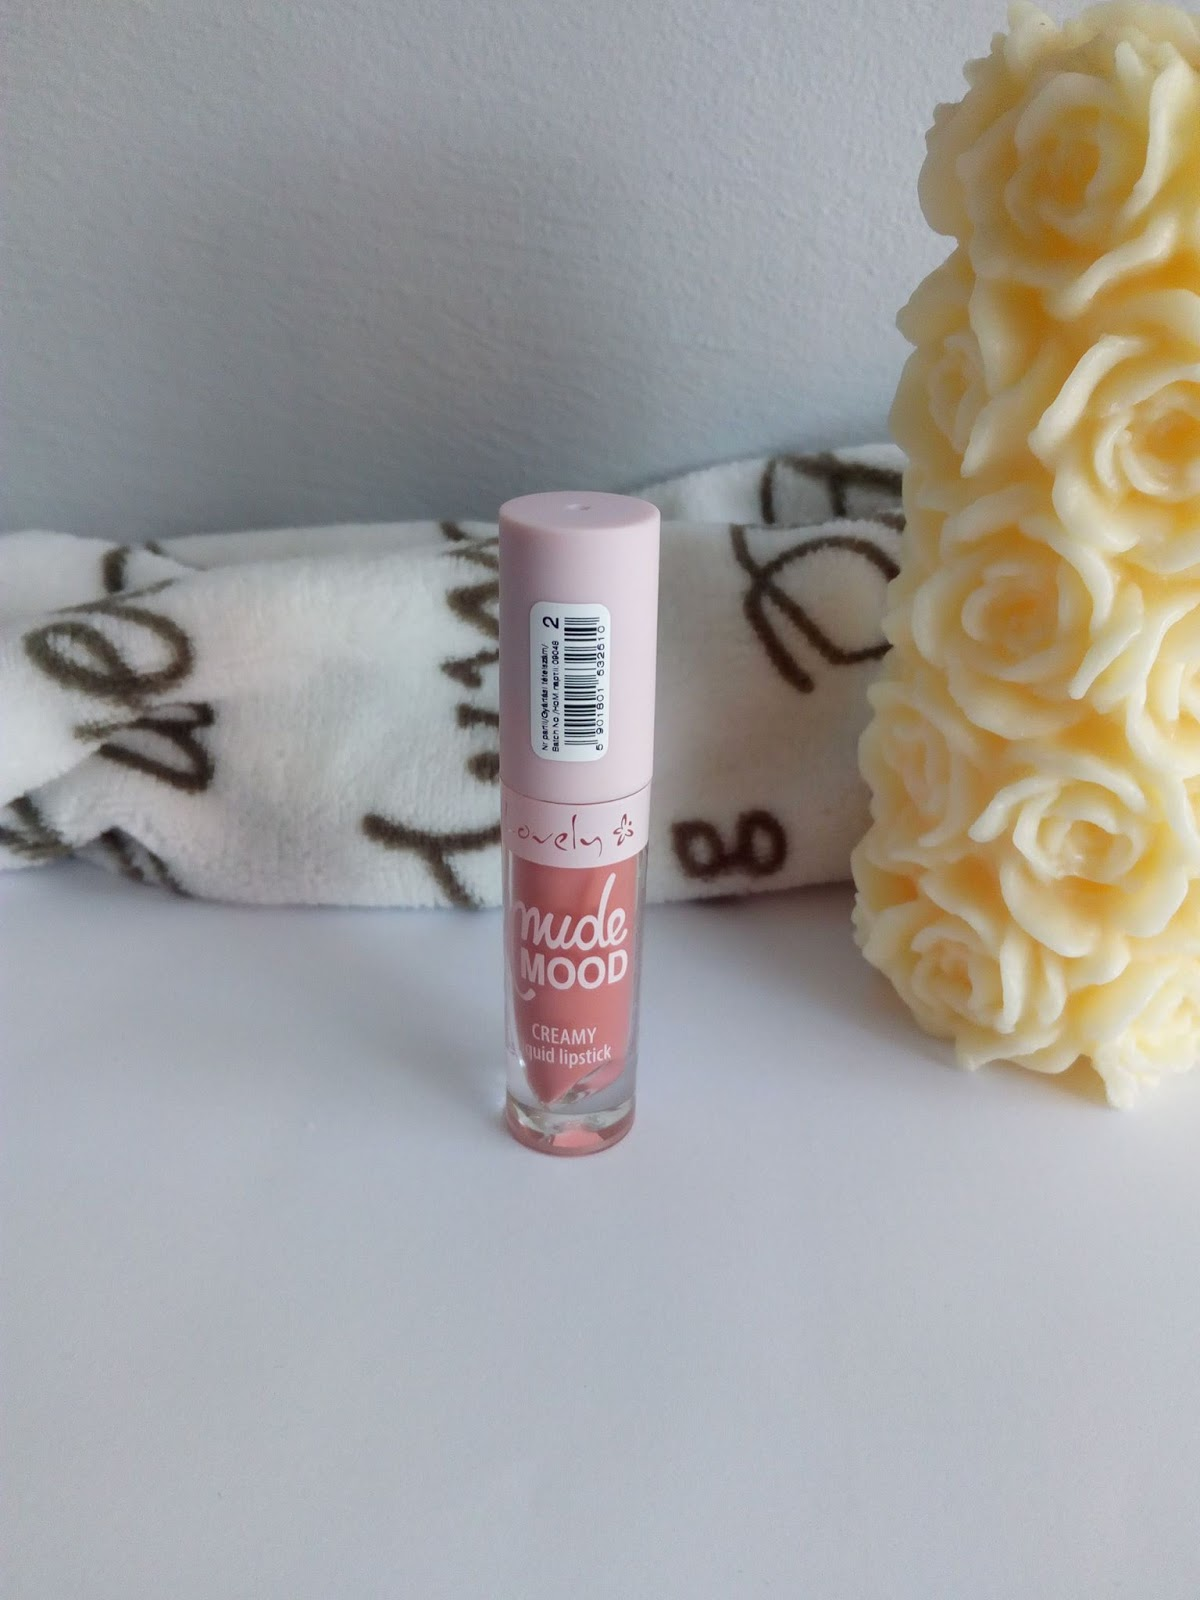 Usta: Kosmetyki do makijażu i pielęgnacji ust - sklep